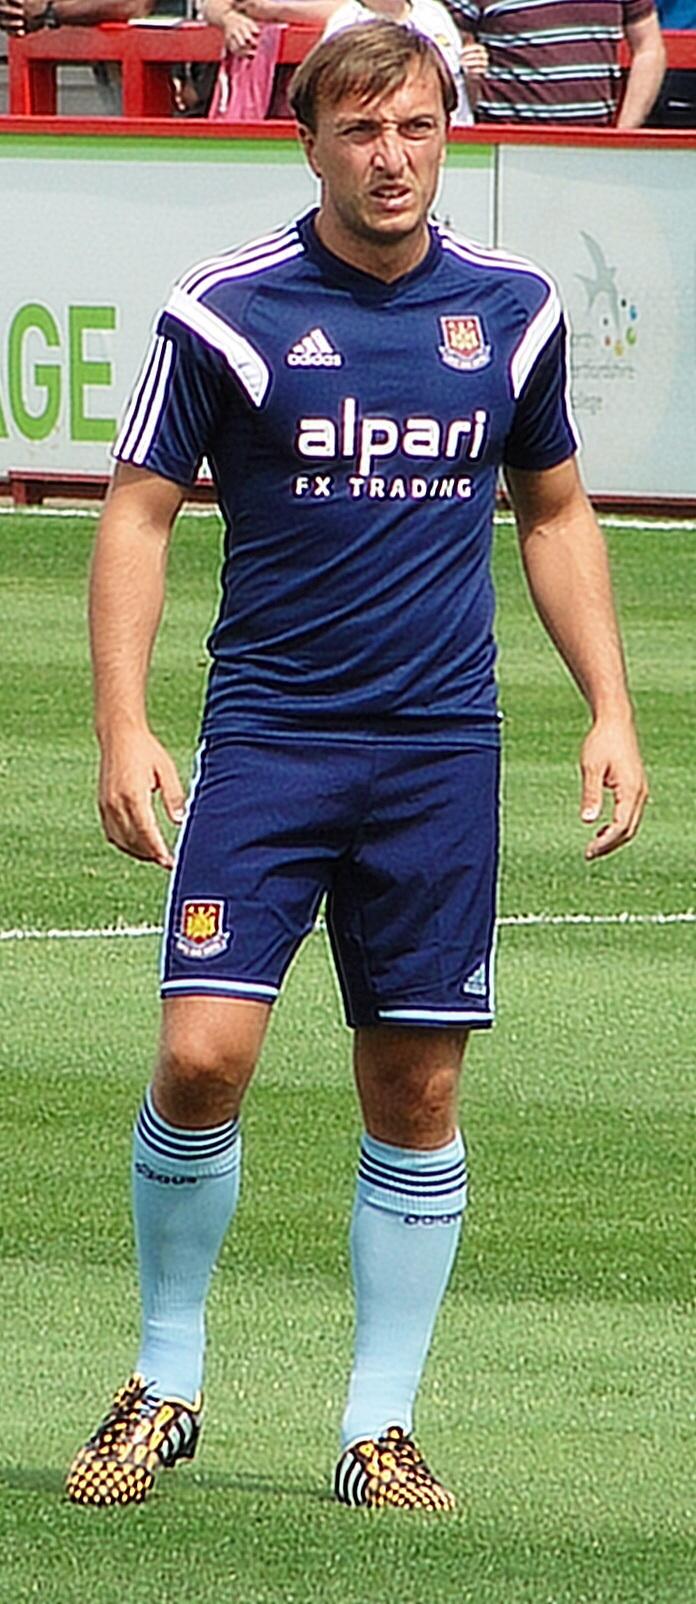 Fußballspieler Position